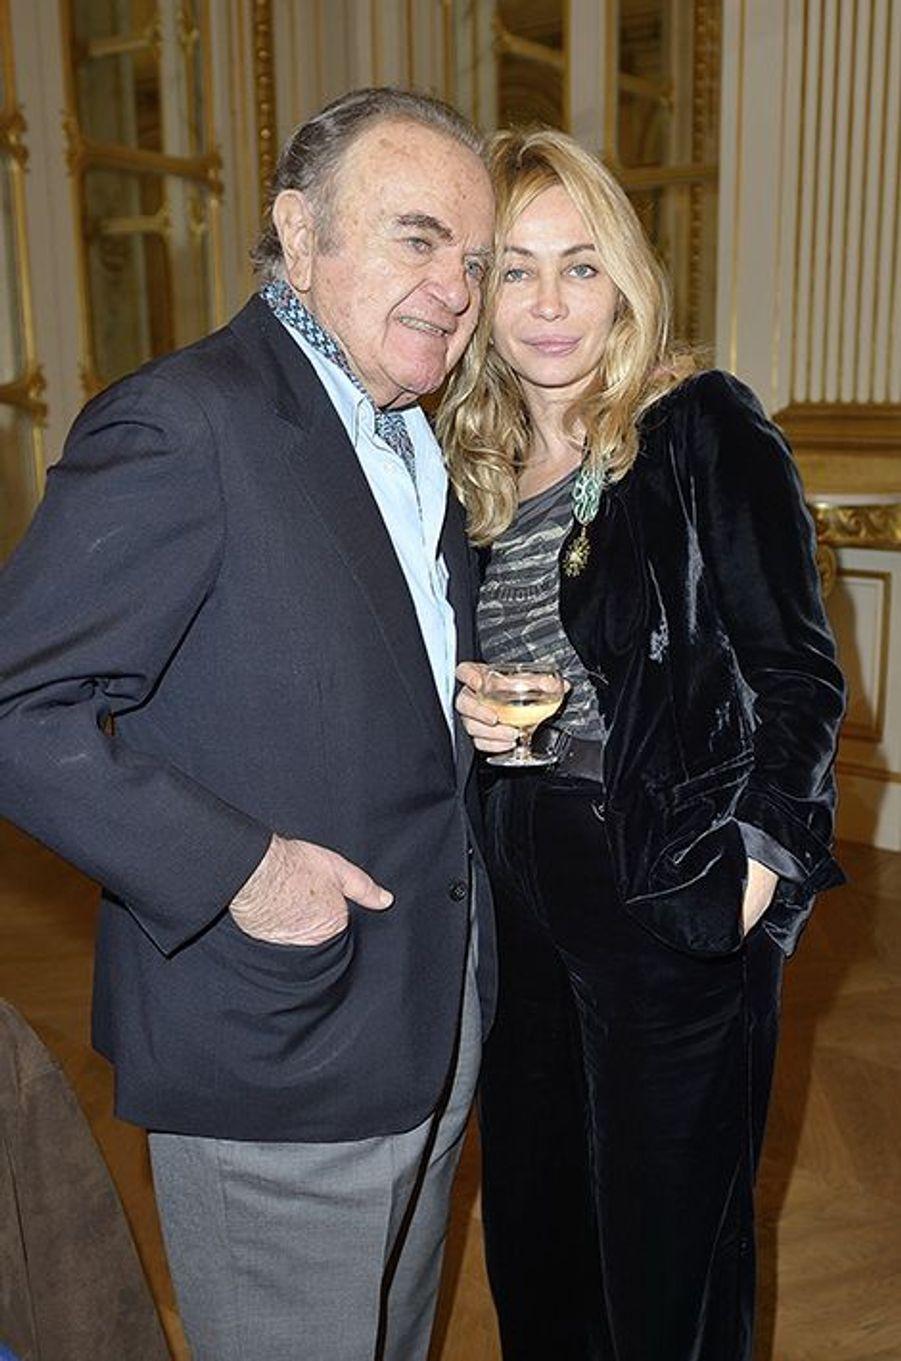 En 2012, l'actrice avait pu compter sur le soutien de son papa pour recevoir les insignes de chevalier dans l'Ordre national des Arts et des Lettres